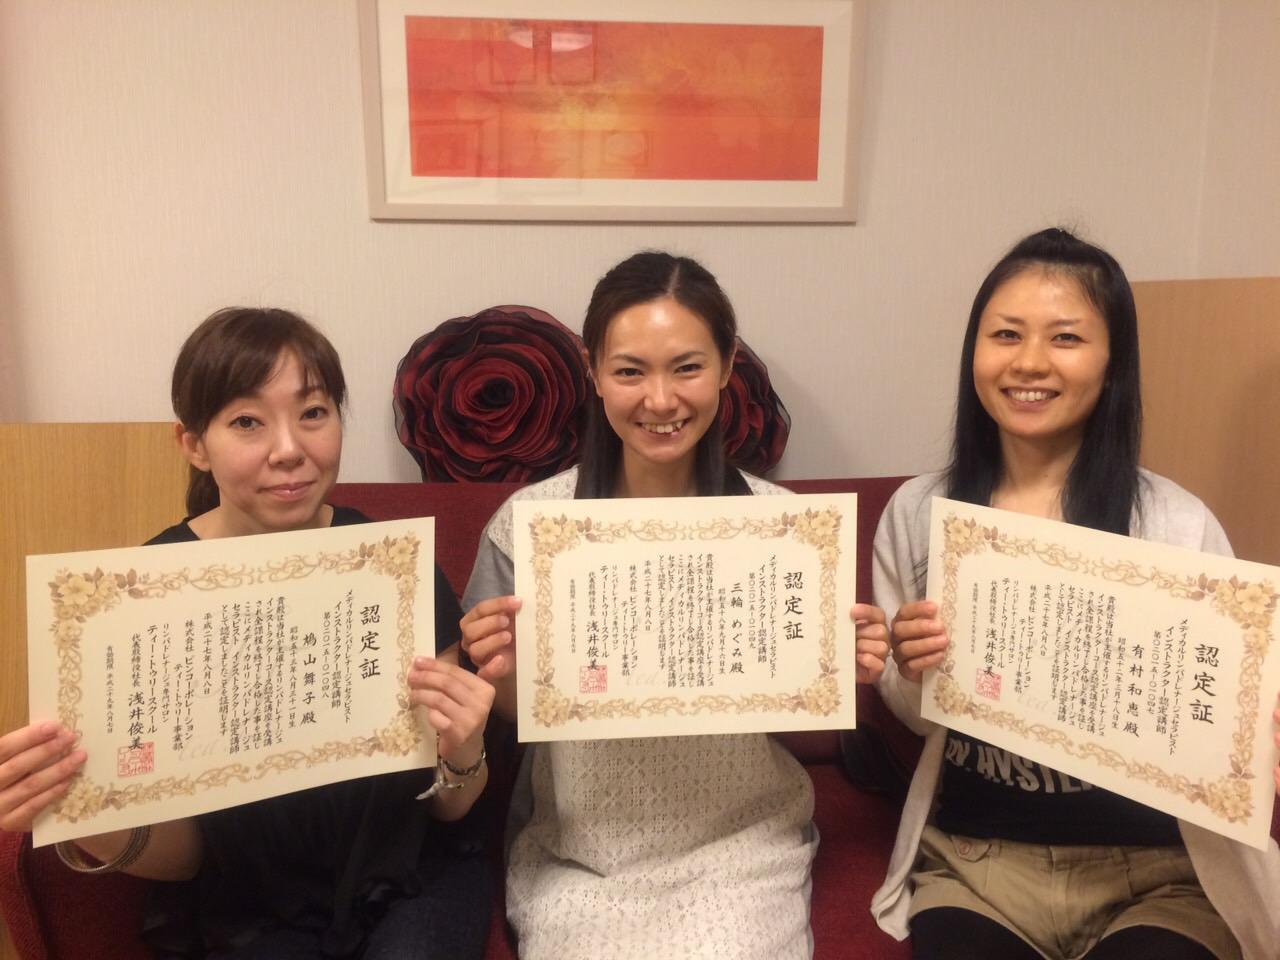 http://www.b-i-n.co.jp/teatree/school_voice/IMG_4647.JPG